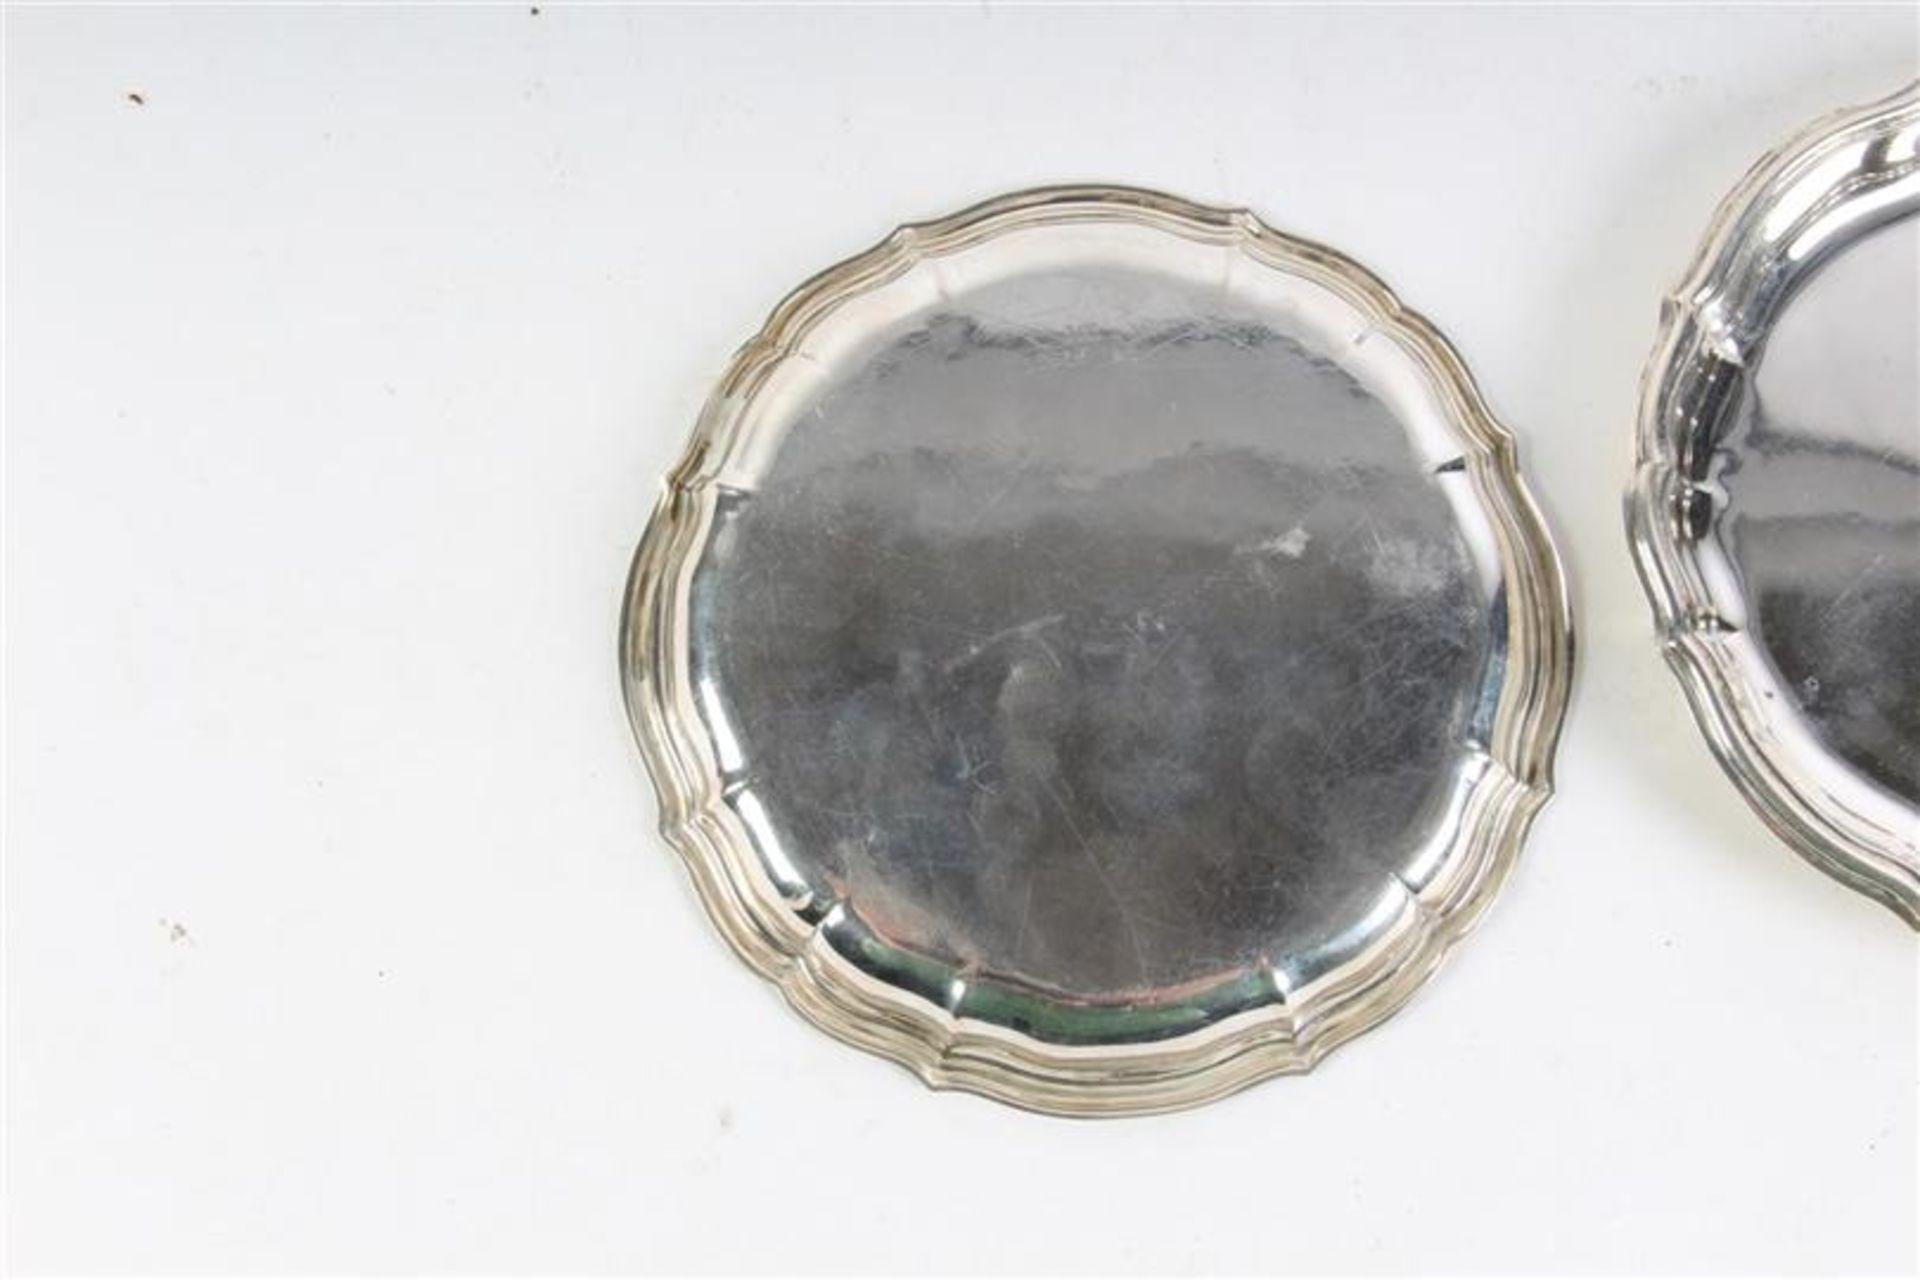 Twee zilveren gecontourneerde schaaltjes. D: 14.5 cm. - Bild 2 aus 3